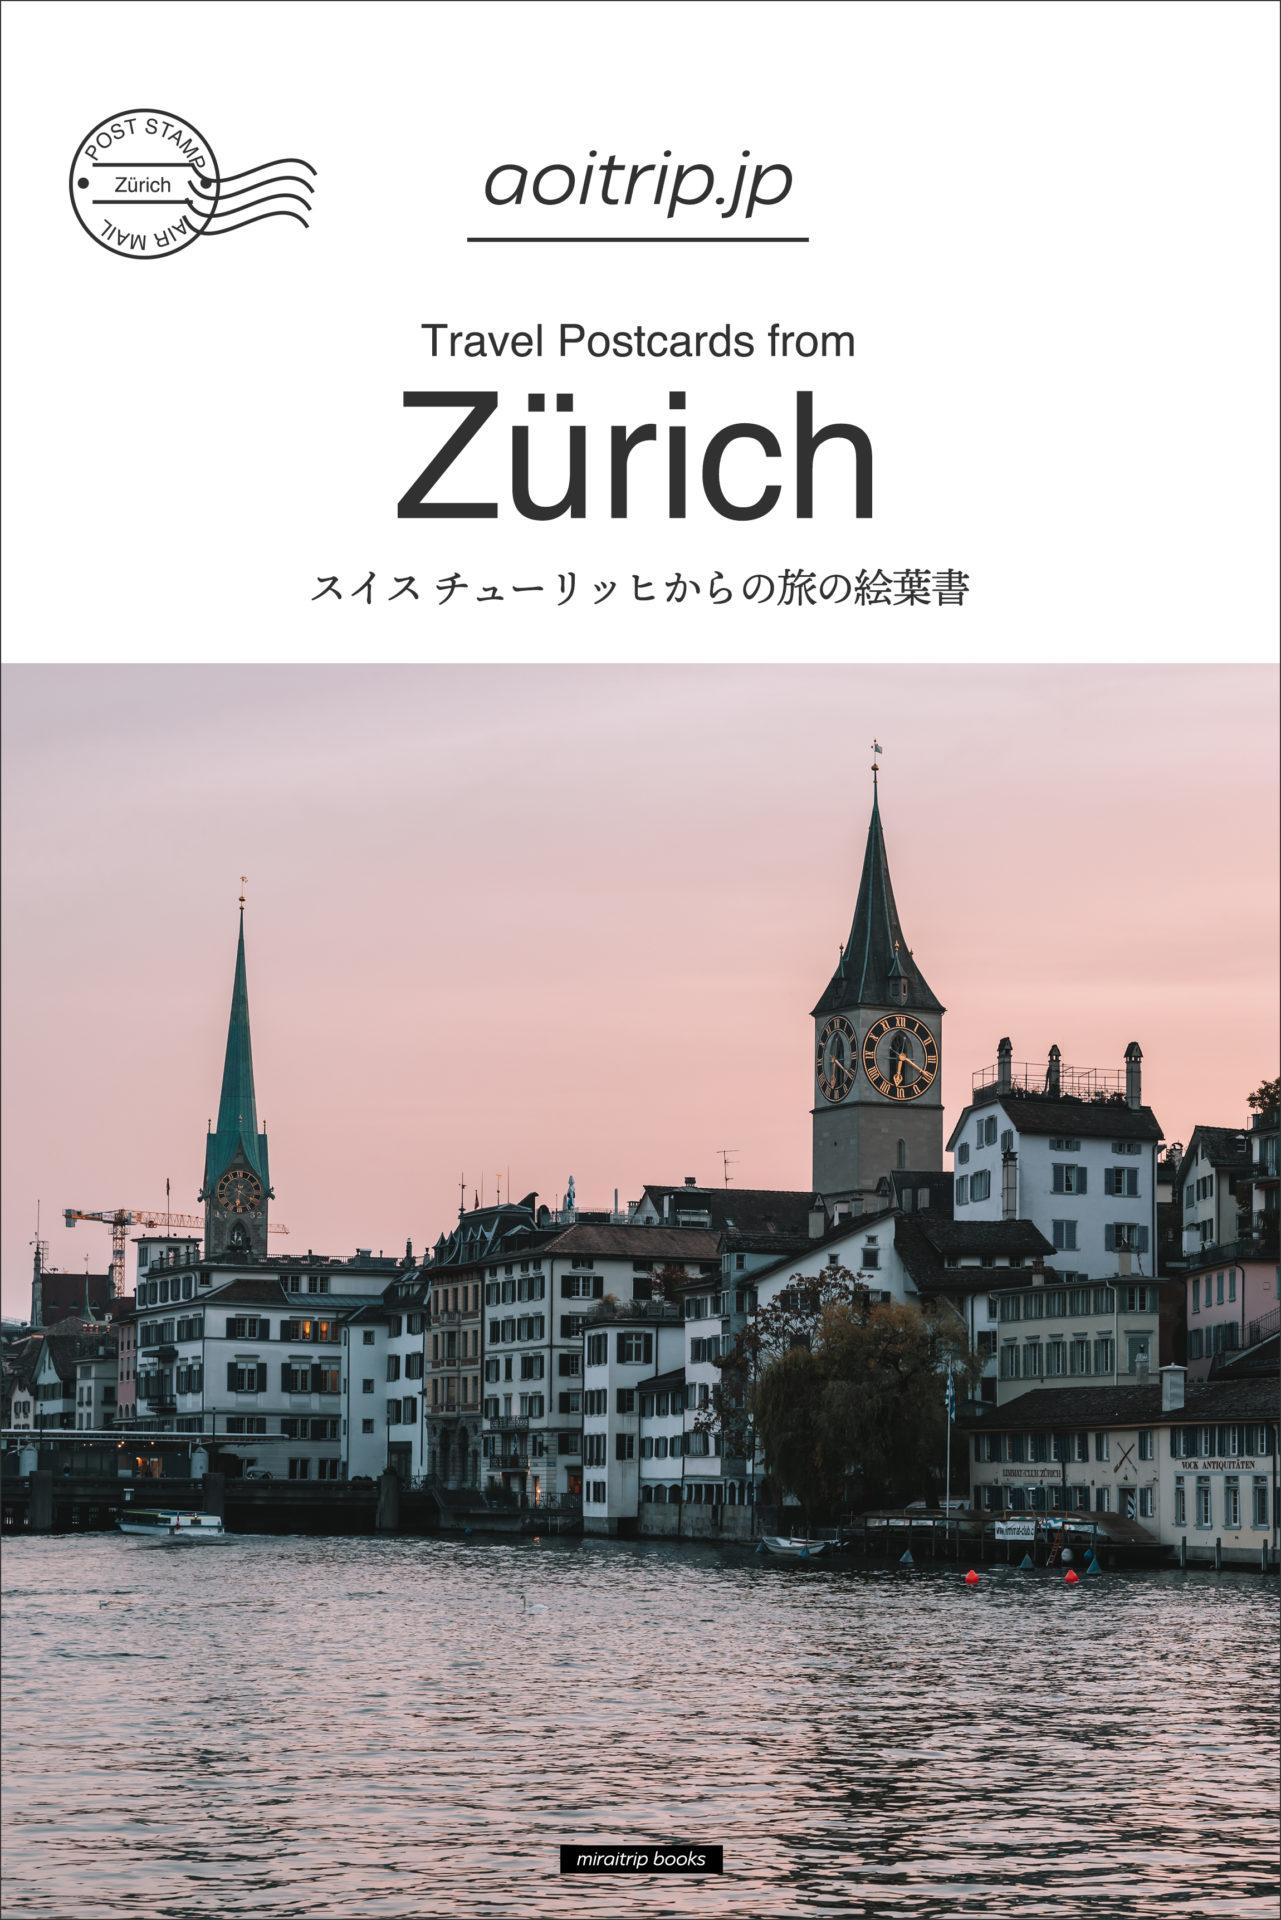 スイス チューリッヒからの旅の絵葉書 Travel Postcards from Zürich, Switzerland